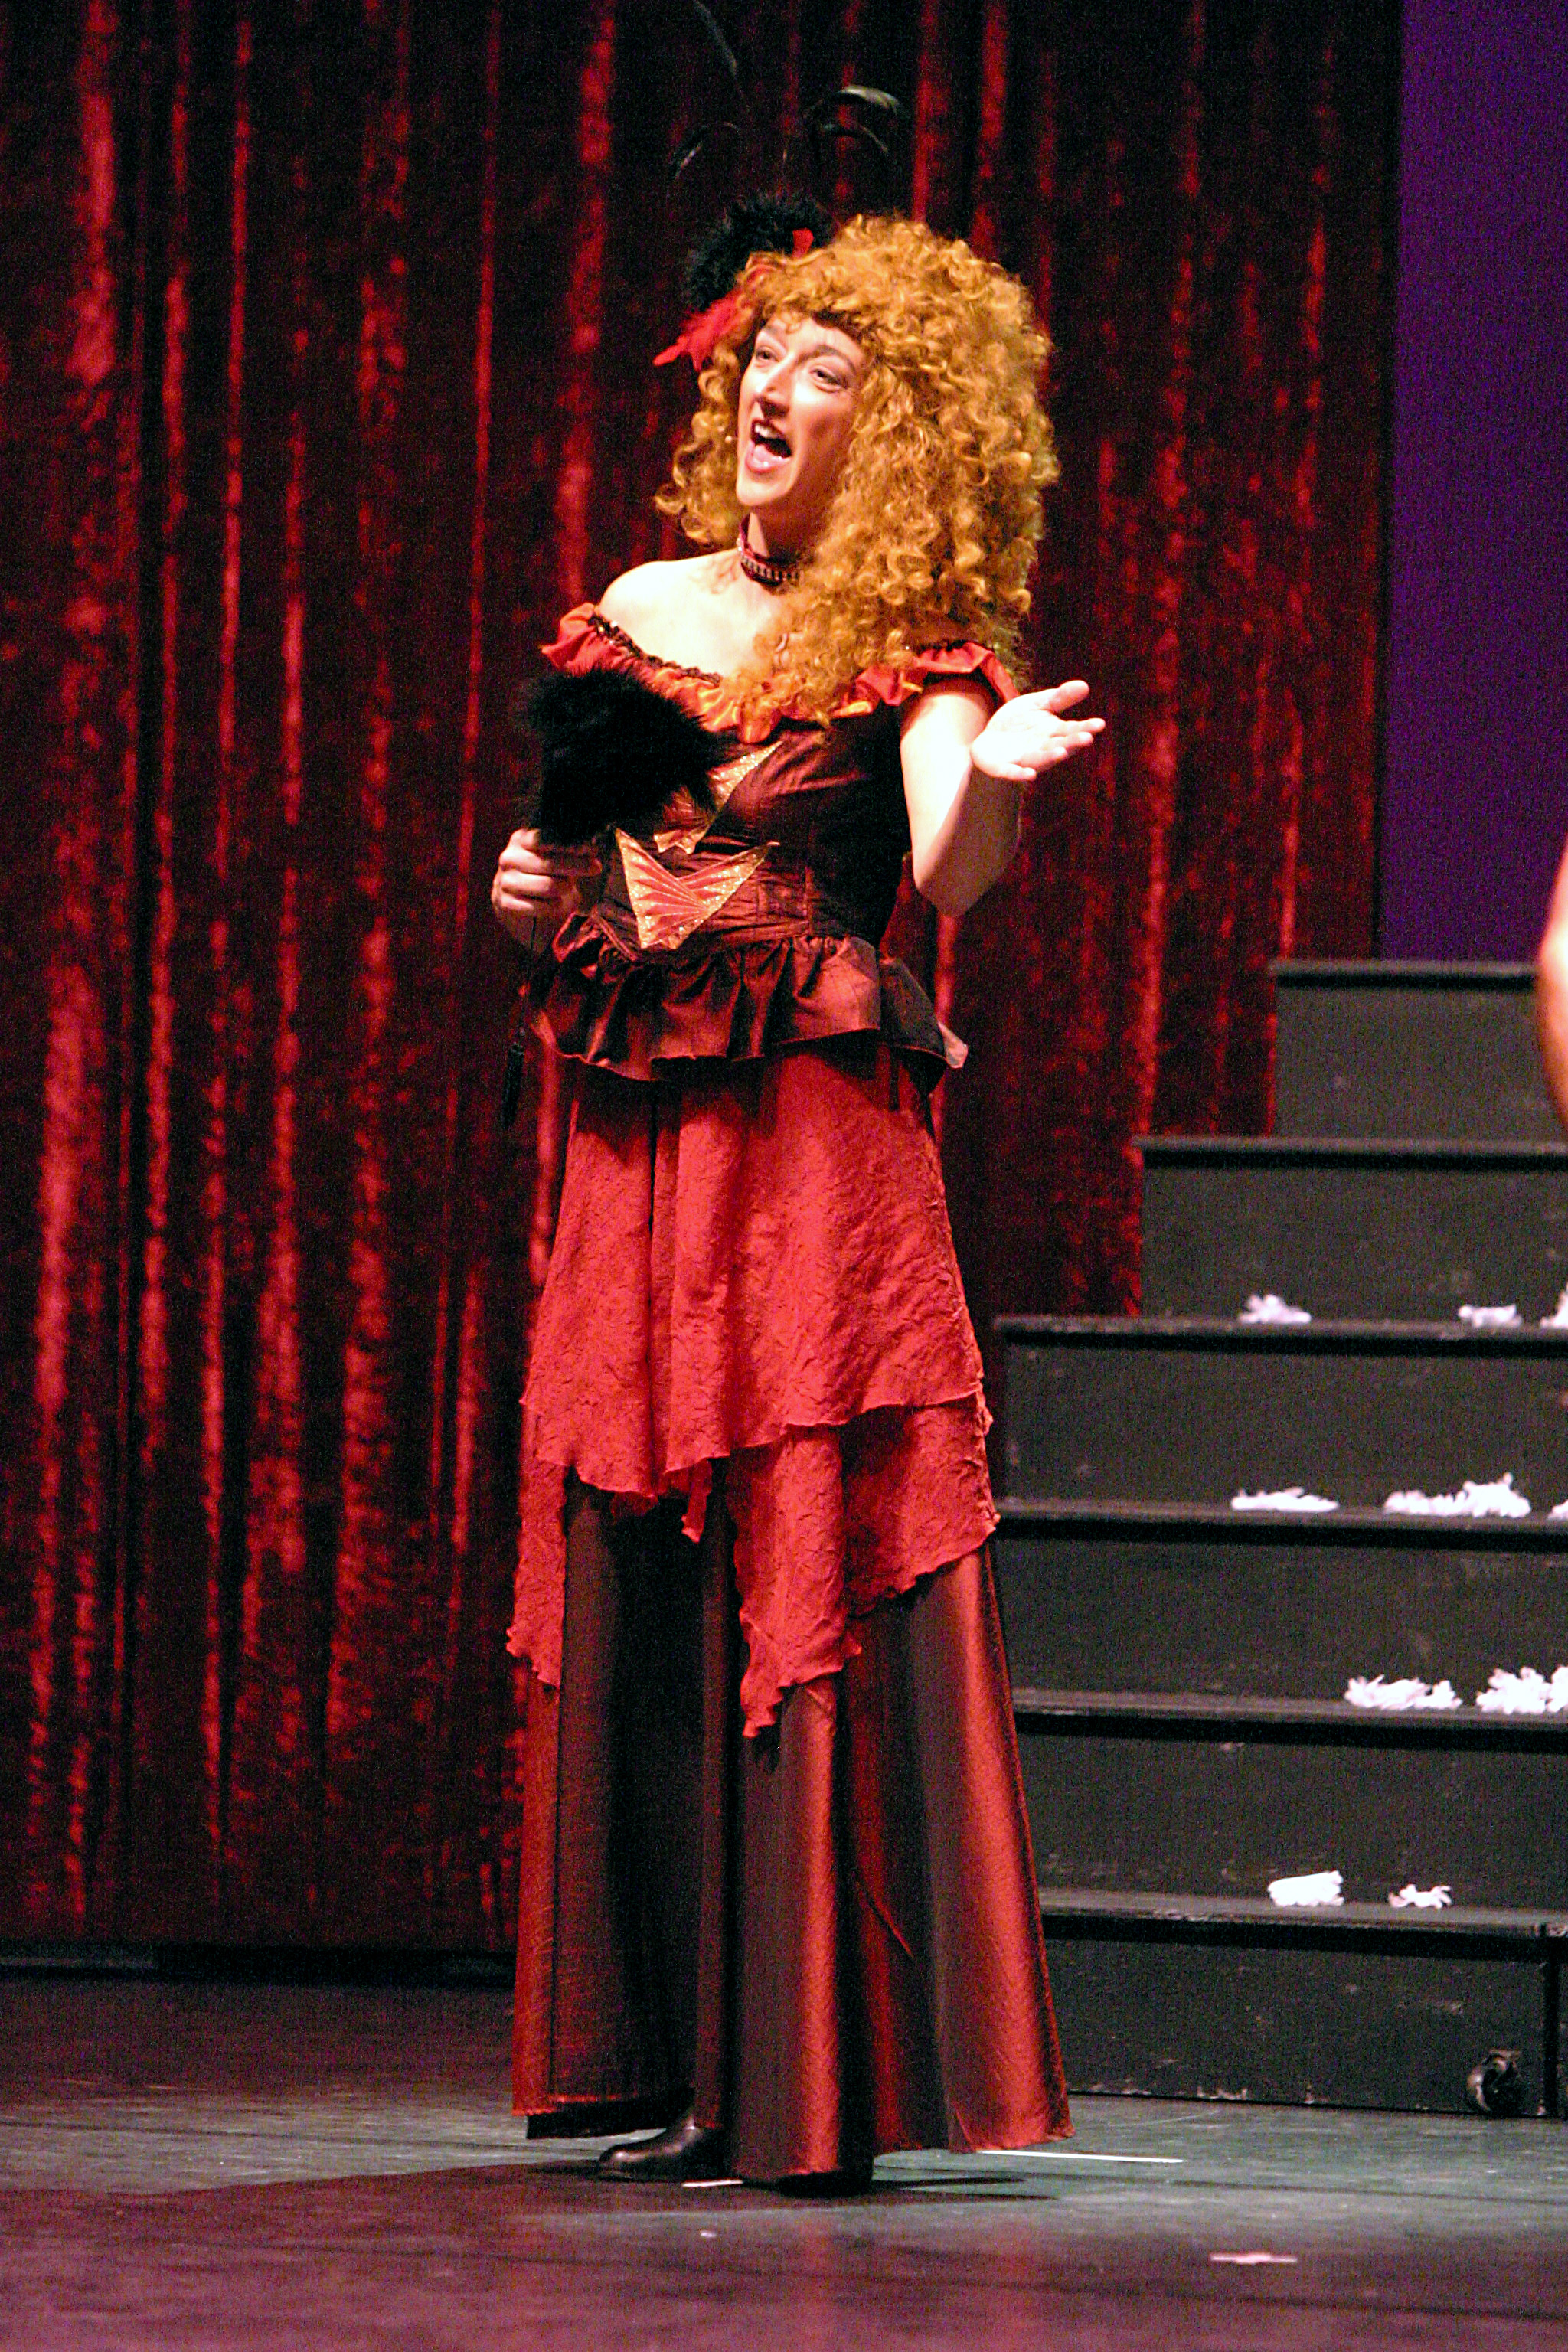 154 - The Scarlet Pimpernel 2005 - Uden.jpg